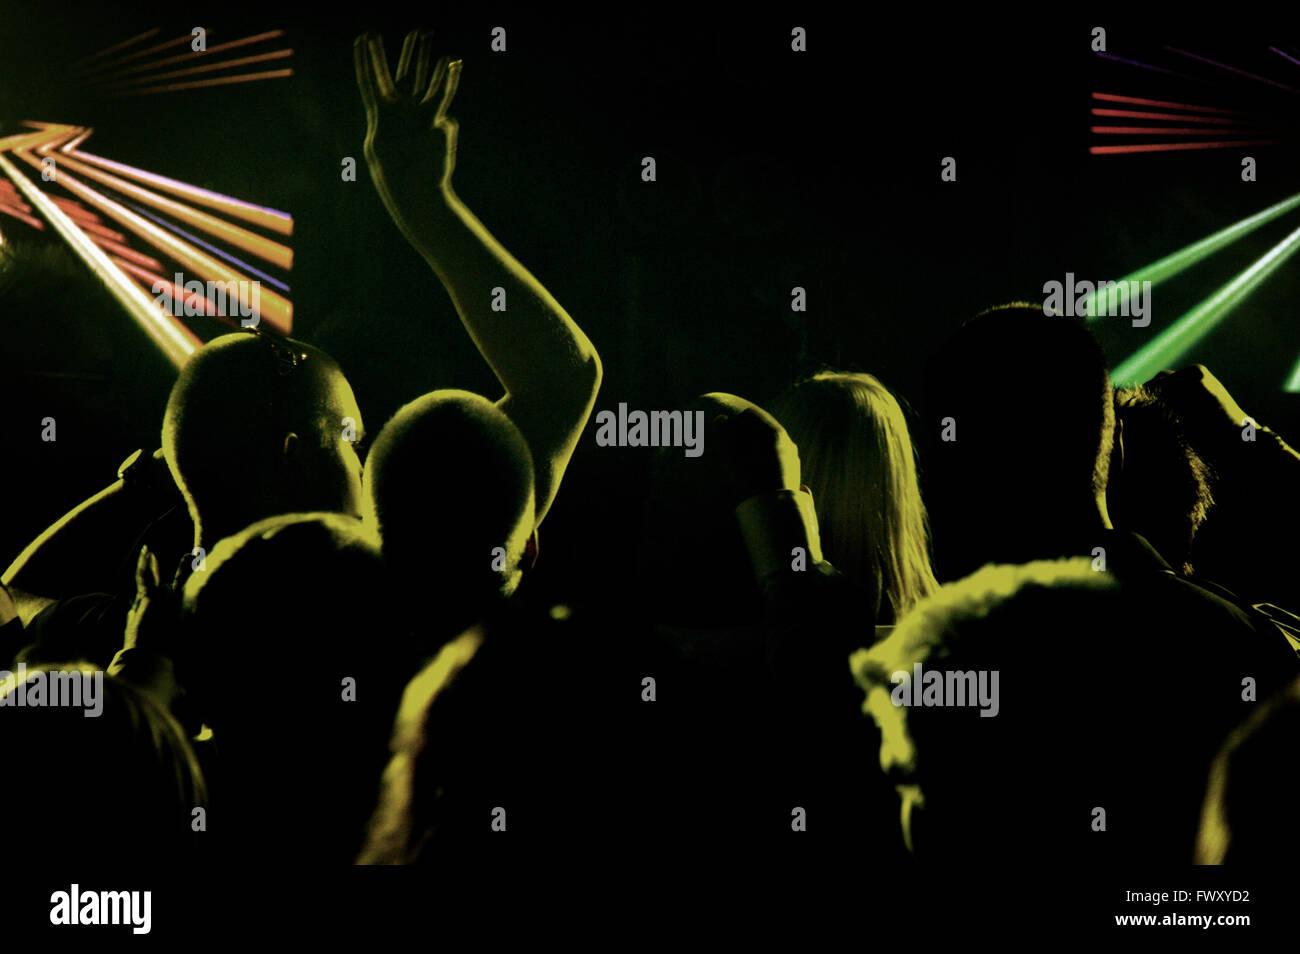 Finlandia, Pirkanmaa, Tampere, siluetas de personas en club nocturno Imagen De Stock